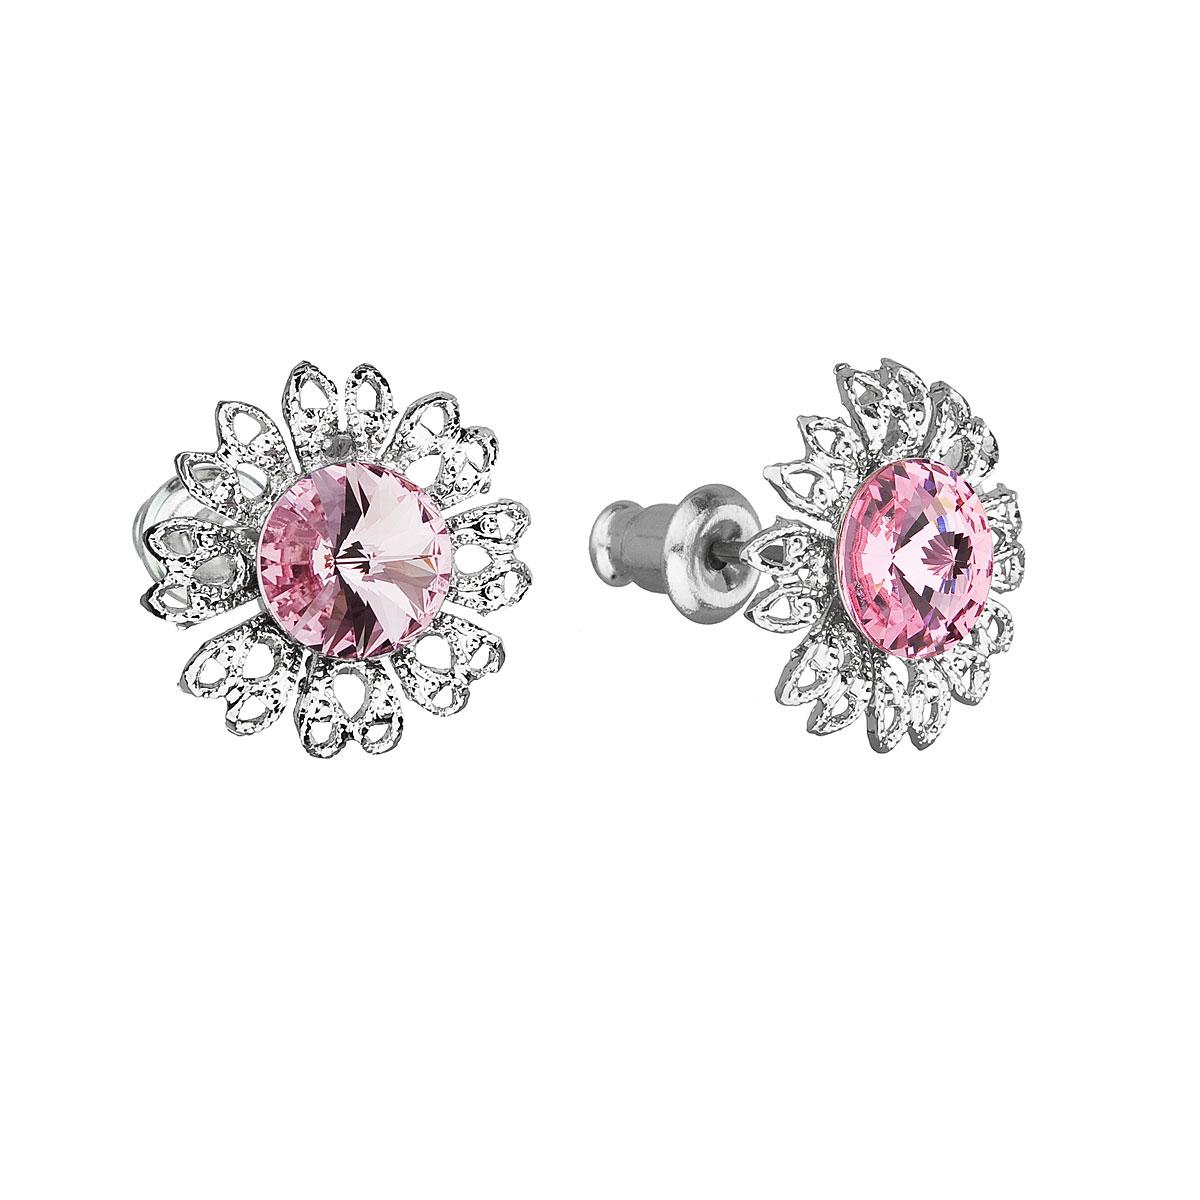 Náušnice bižutéria so Swarovski krištáľmi ružový kvietok 51042.3 light rose